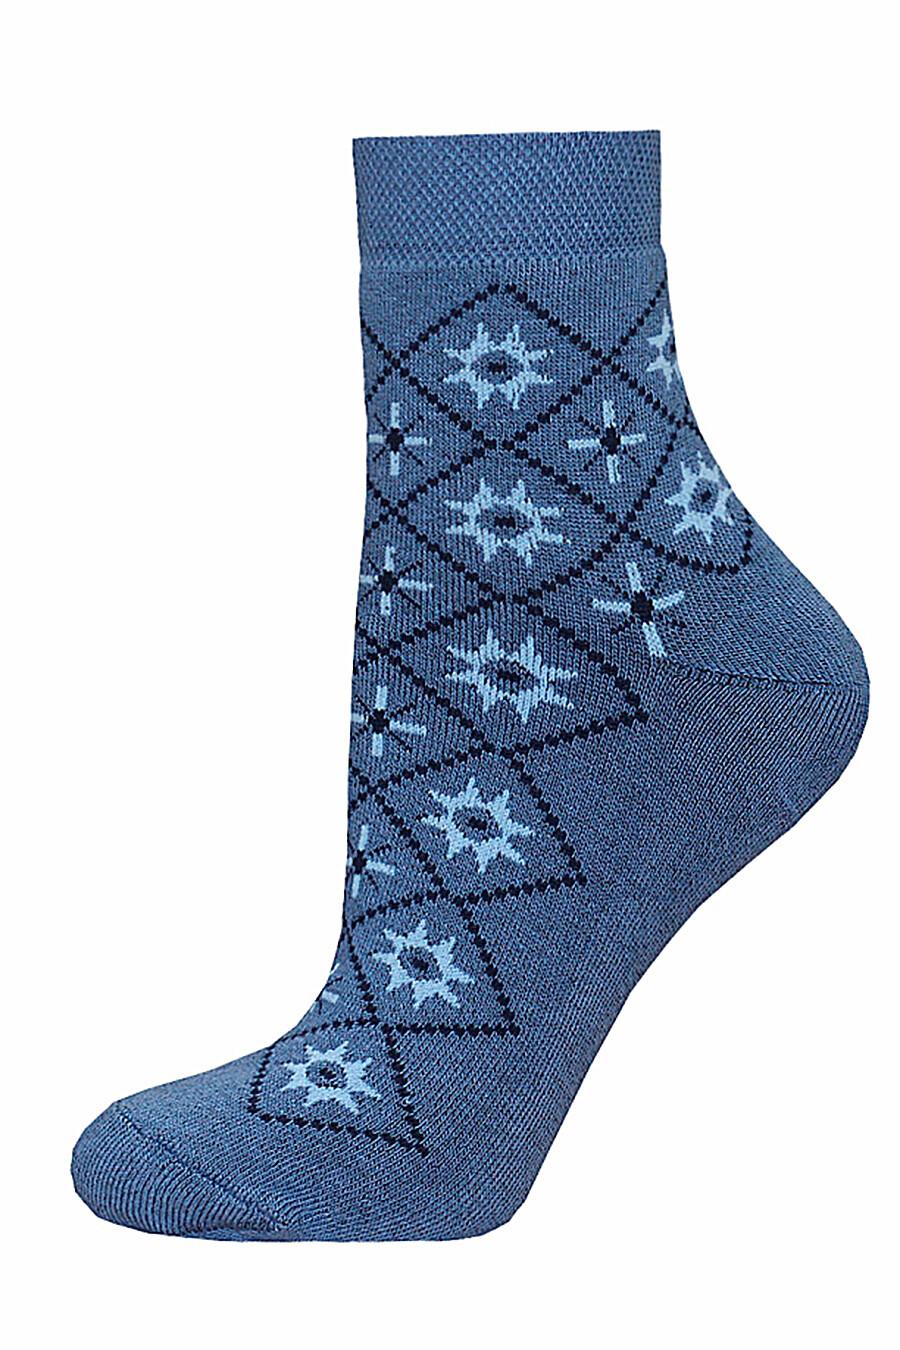 Носки для женщин БРЕСТСКИЕ 226925 купить оптом от производителя. Совместная покупка женской одежды в OptMoyo